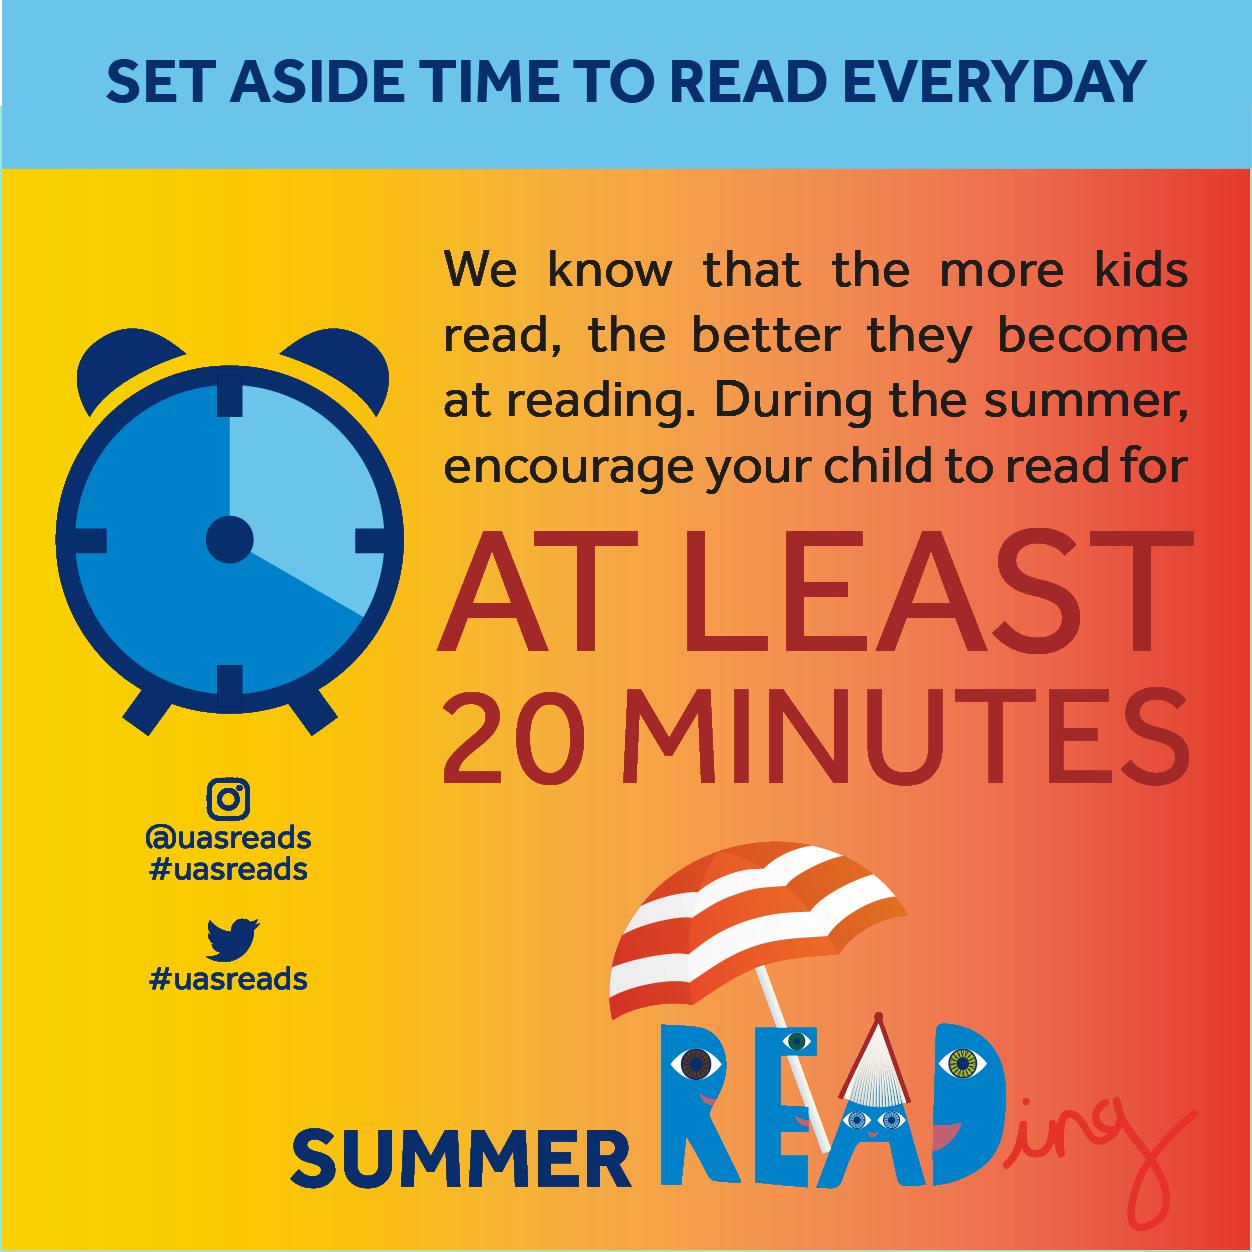 Read 20 minutes